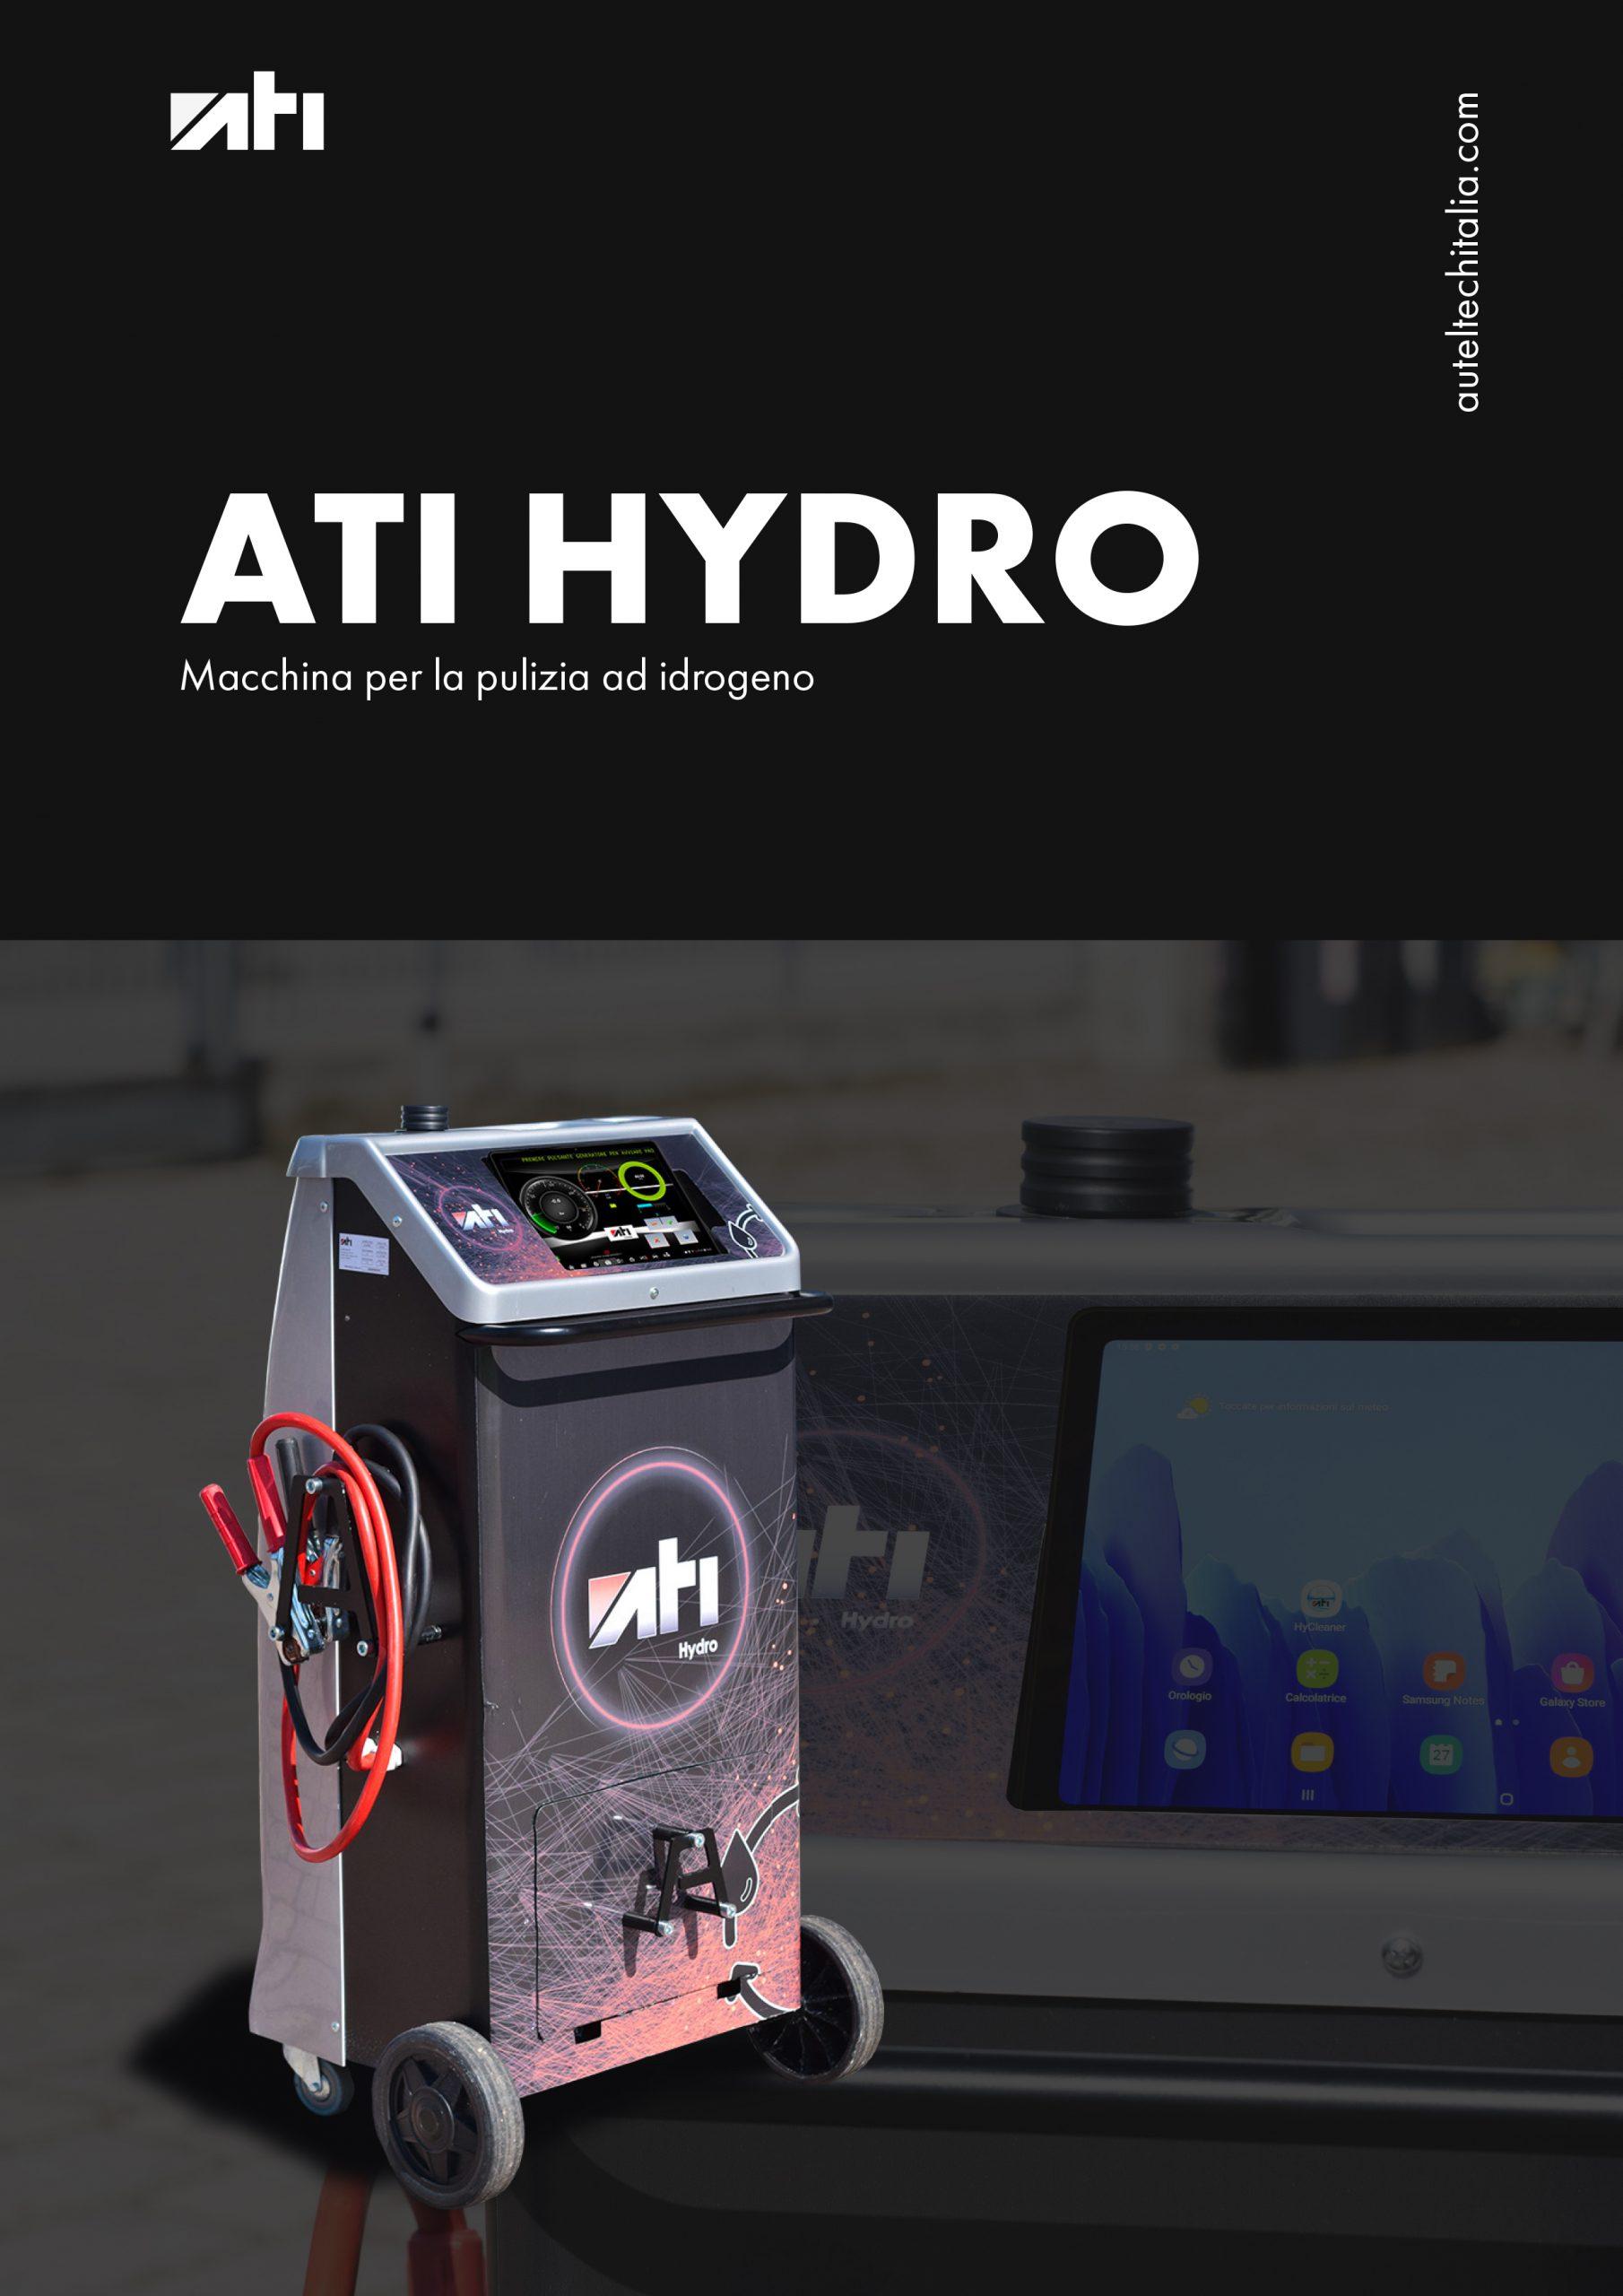 <b>ATI HYDRO</b>-Macchina per la pulizia ad idrogeno